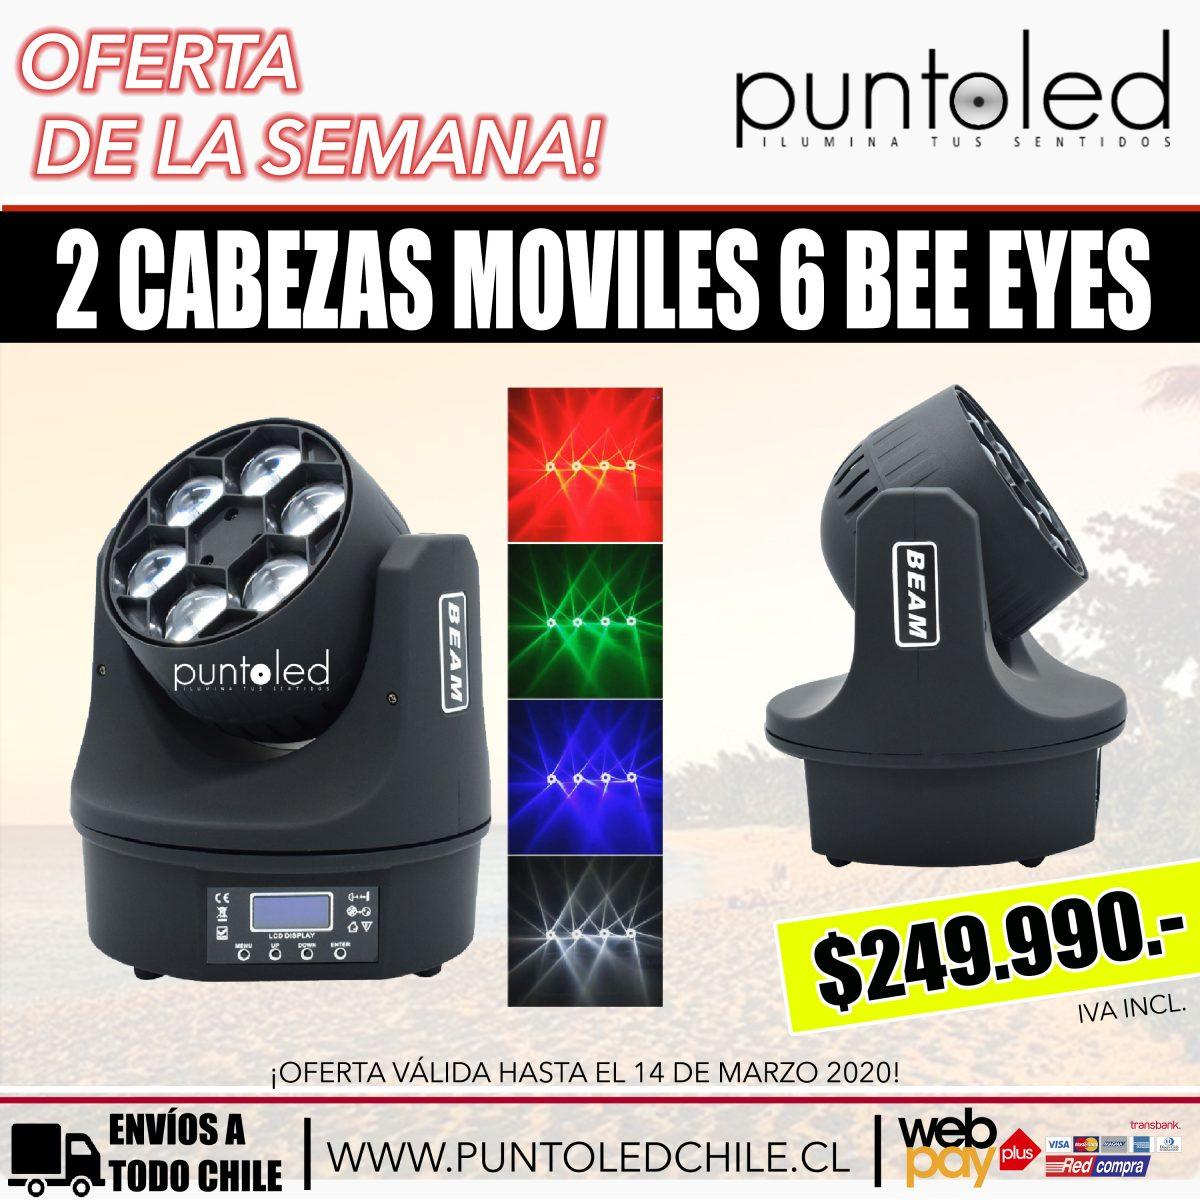 cabeza movil 6 bee eyes